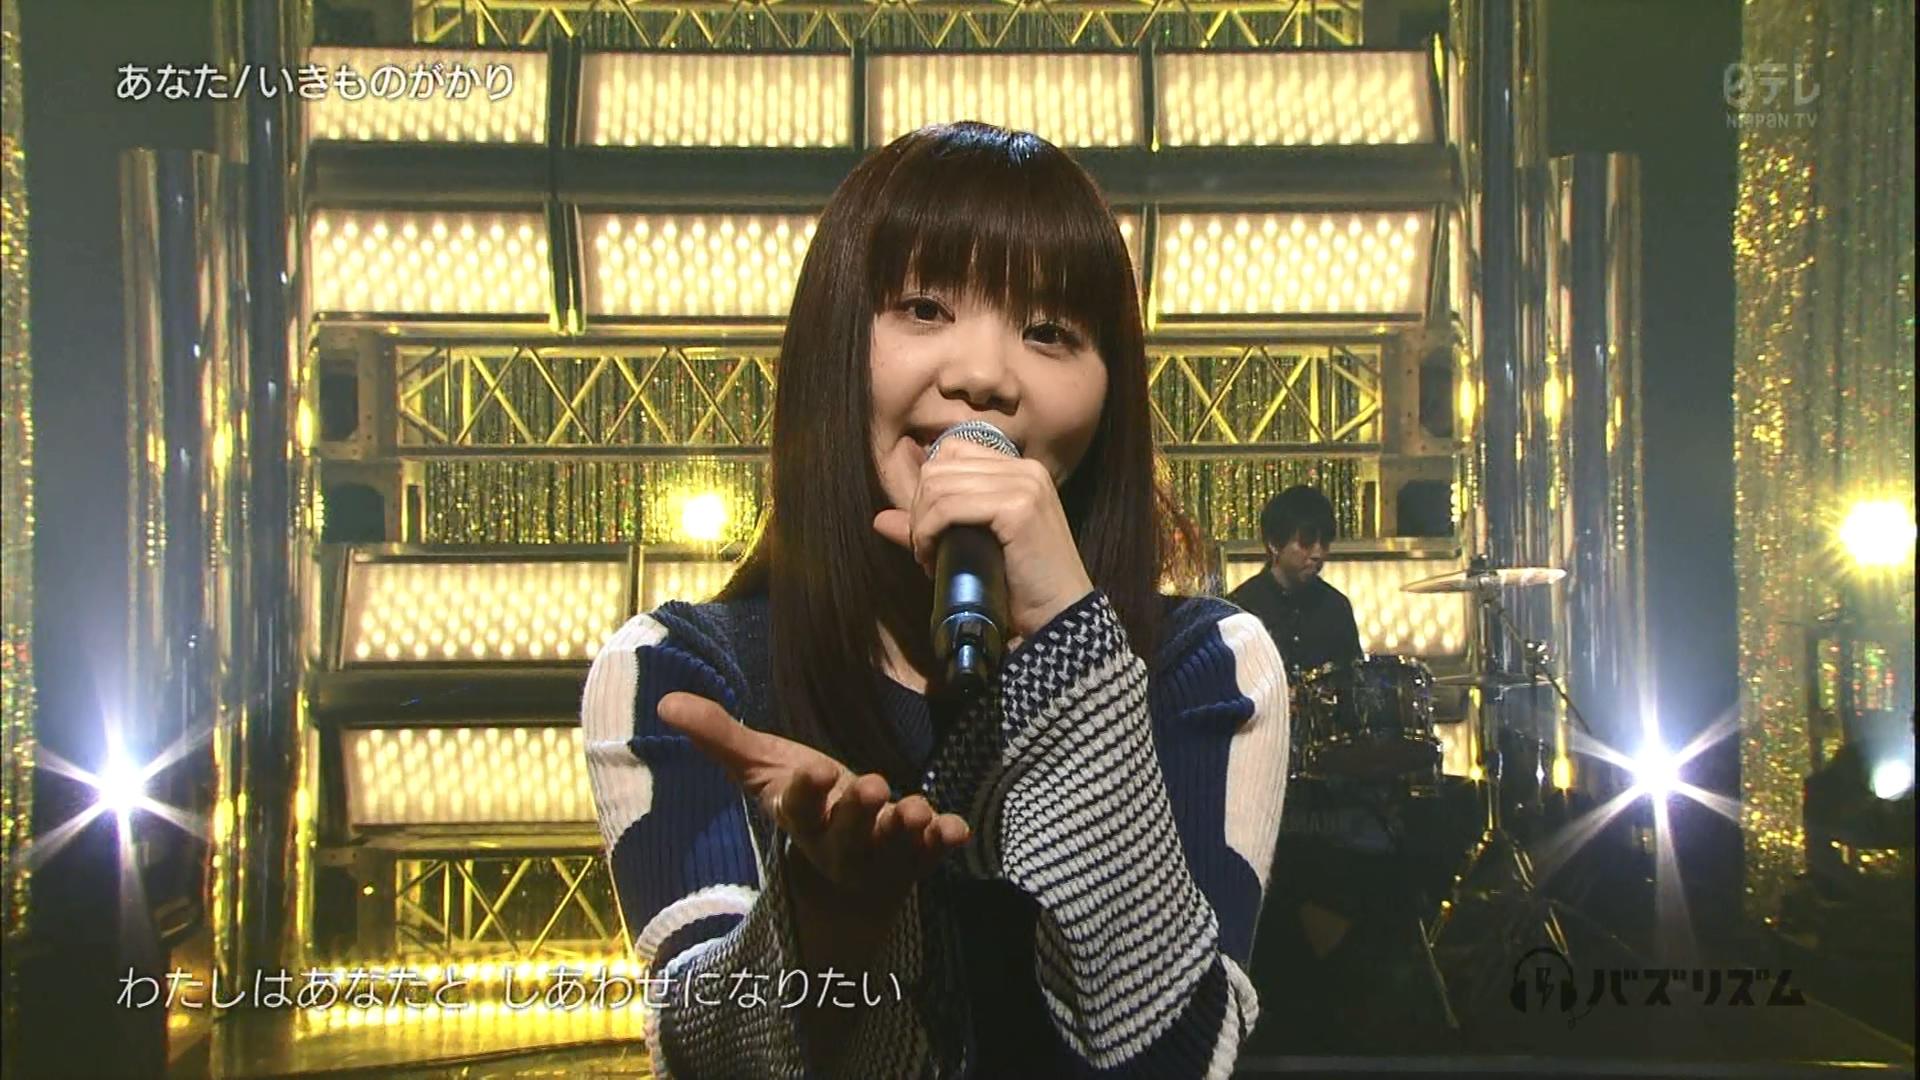 2016.03.11 全場(バズリズム).ts_20160312_023558.198